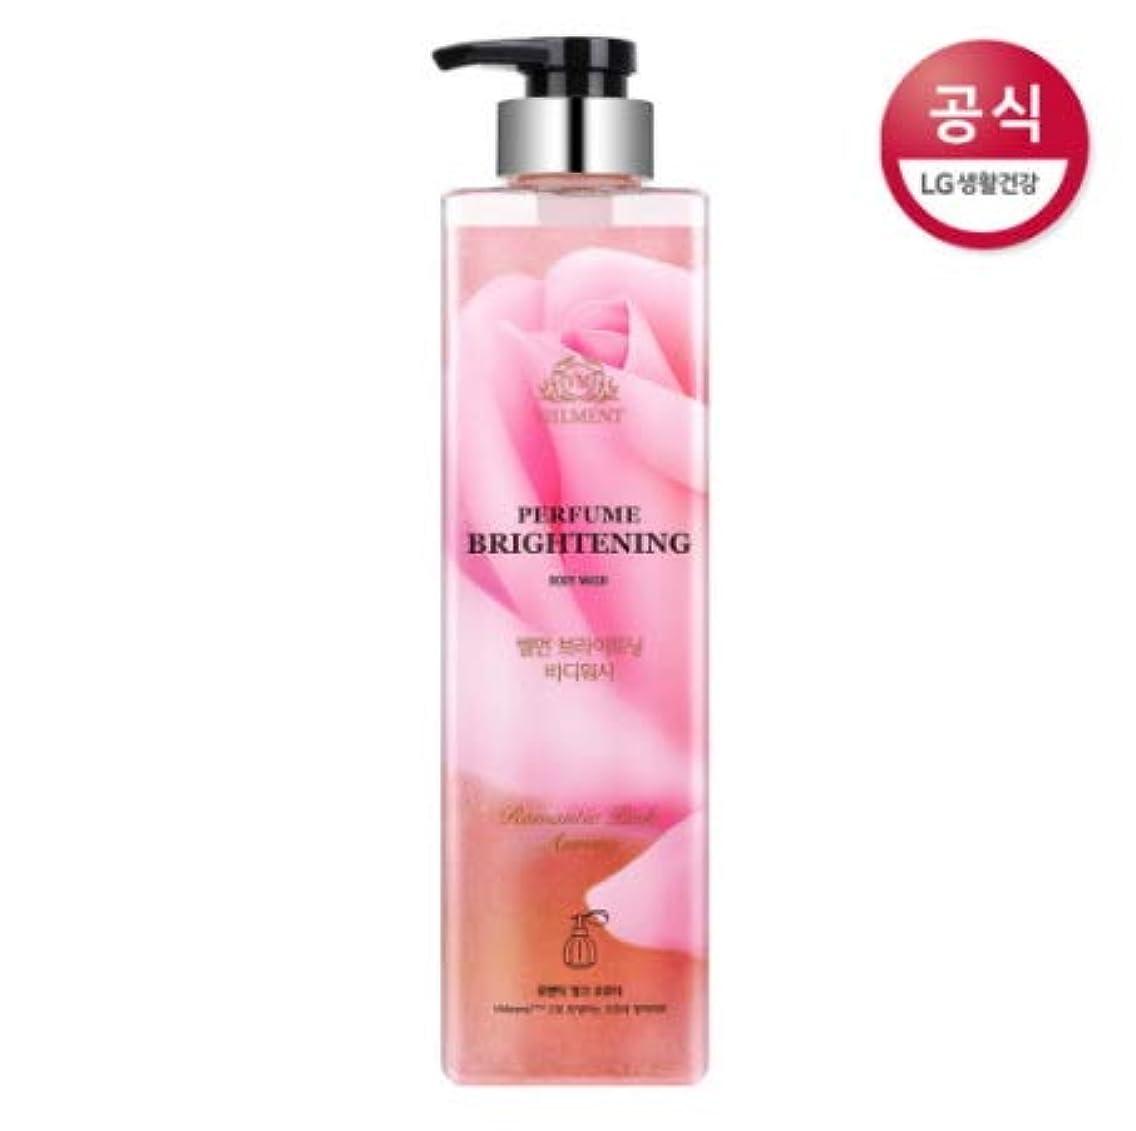 削減暴露[LG HnB] On the Body Belman Perfume Brightening Body Wash / オンザボディベルモンパフュームブライトニングボディウォッシュ680mlx1個(海外直送品)